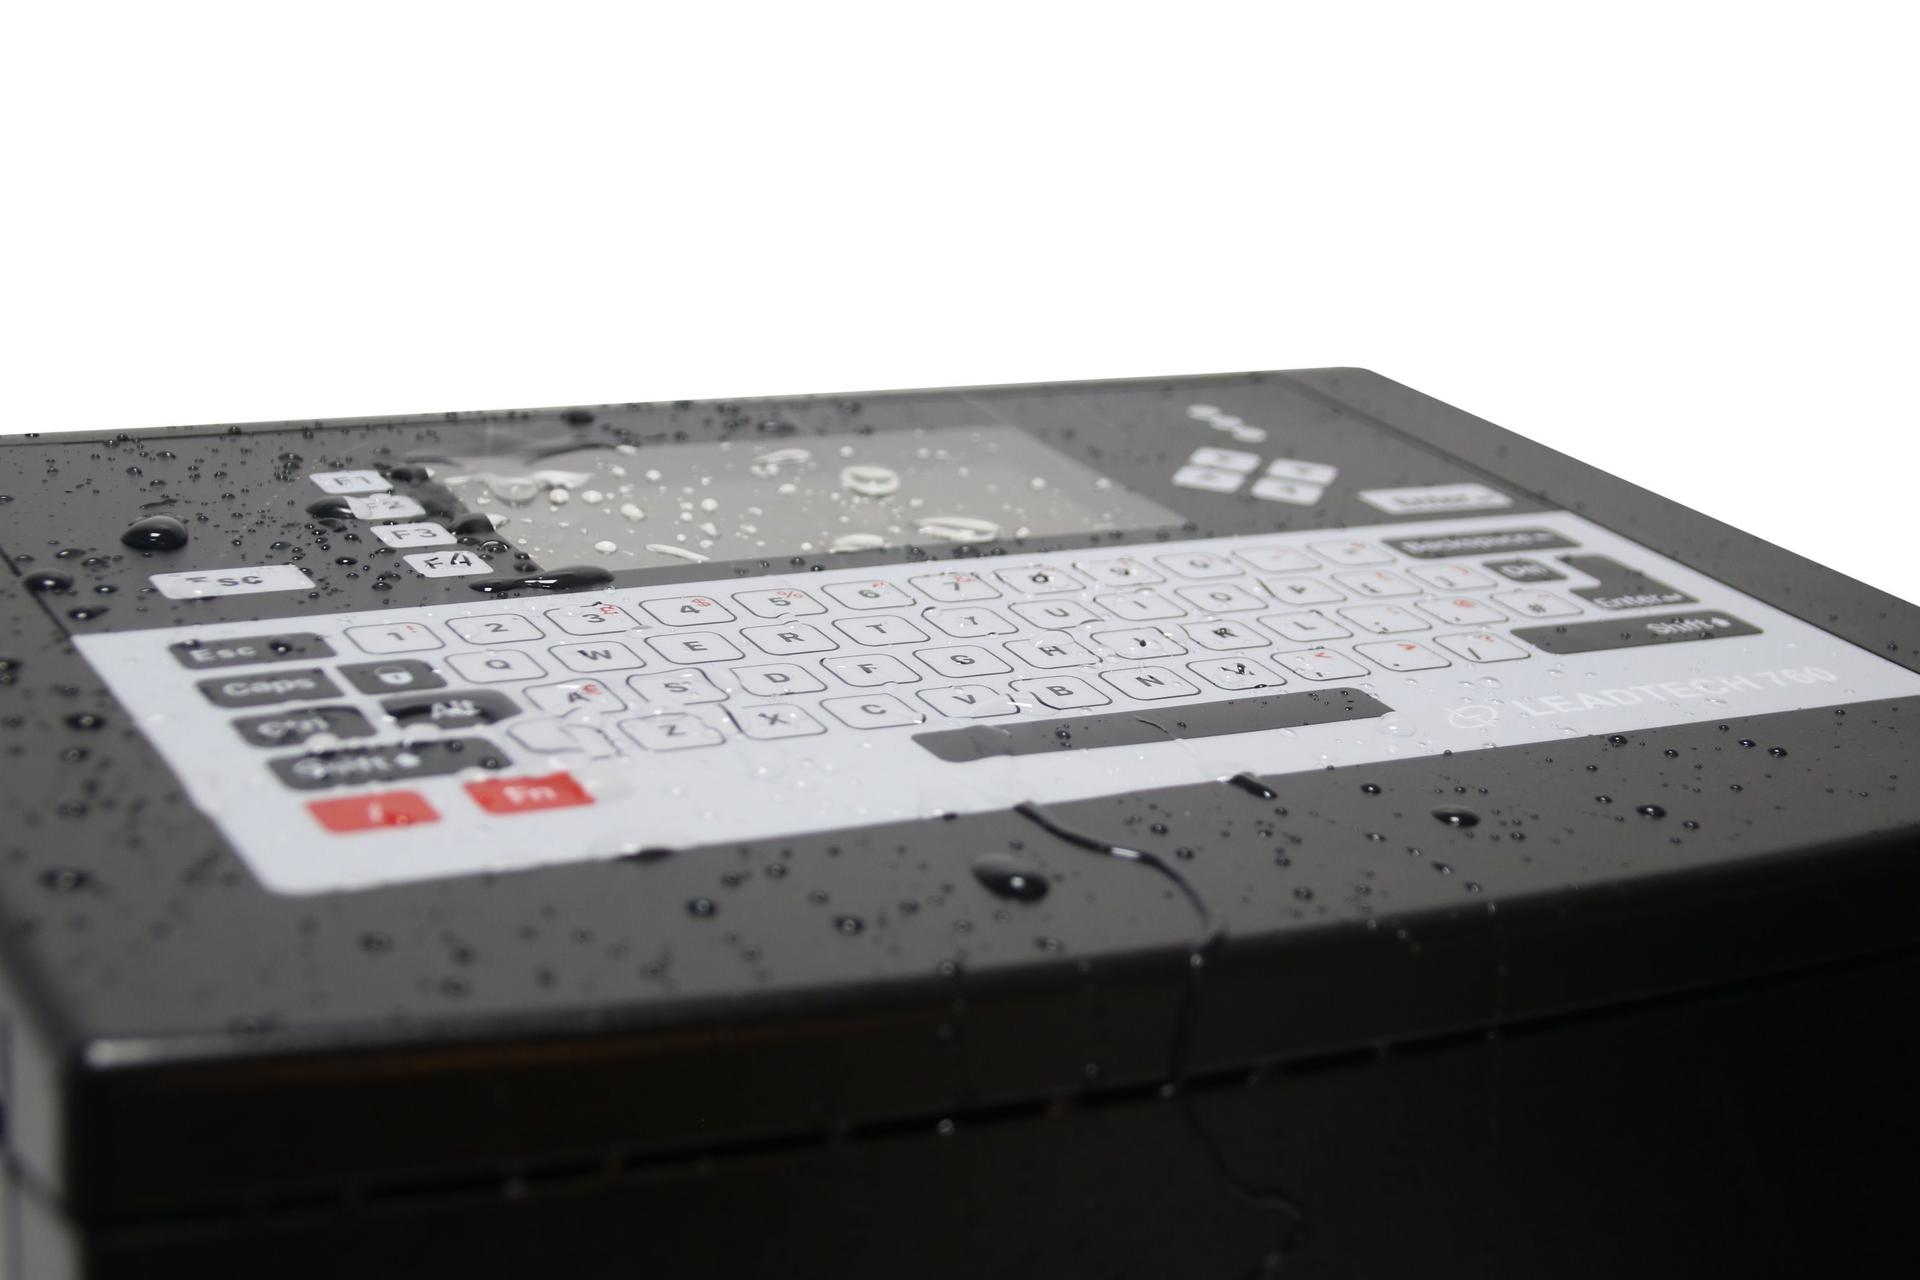 Lead Tech Lt760 Cij Inkjet Printer for Reverse Printing